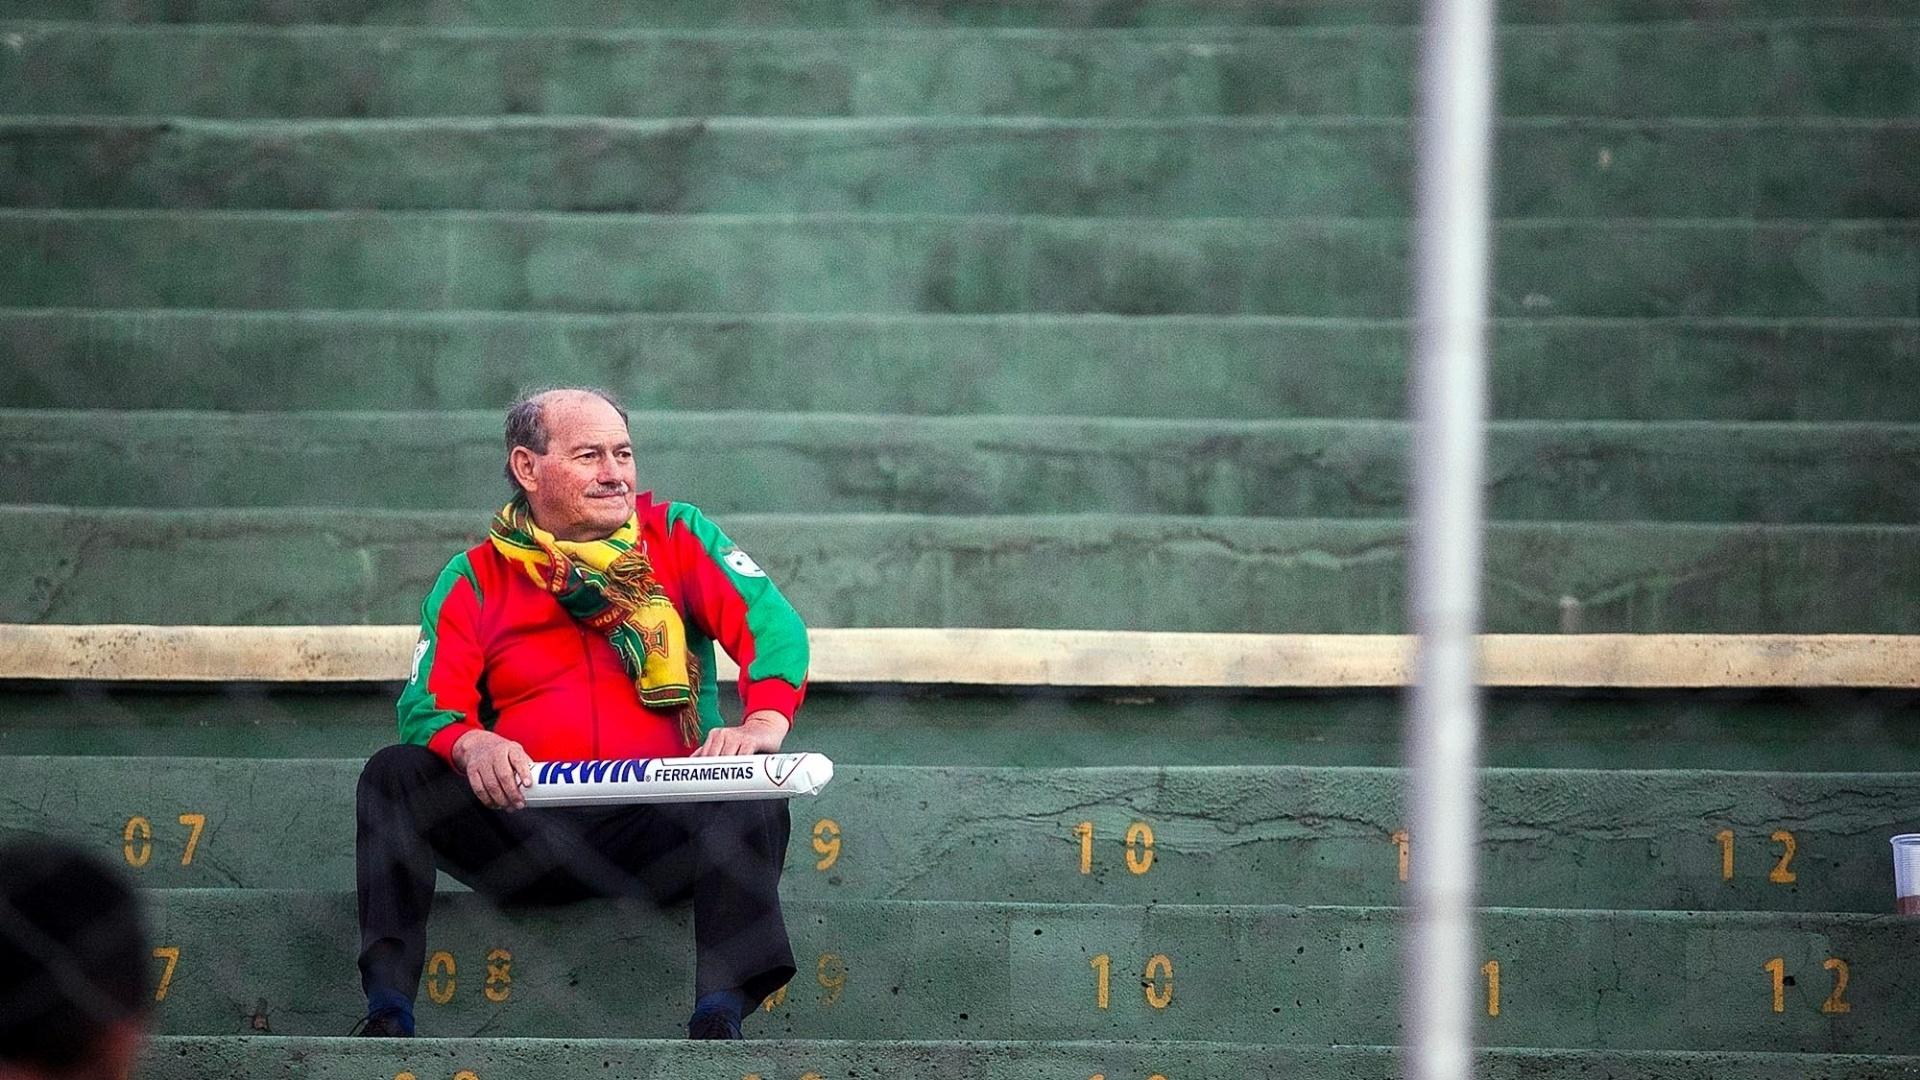 Torcedor da Portuguesa, senhor espera o início da partida de sua equipe contra o Vasco, no Canindé